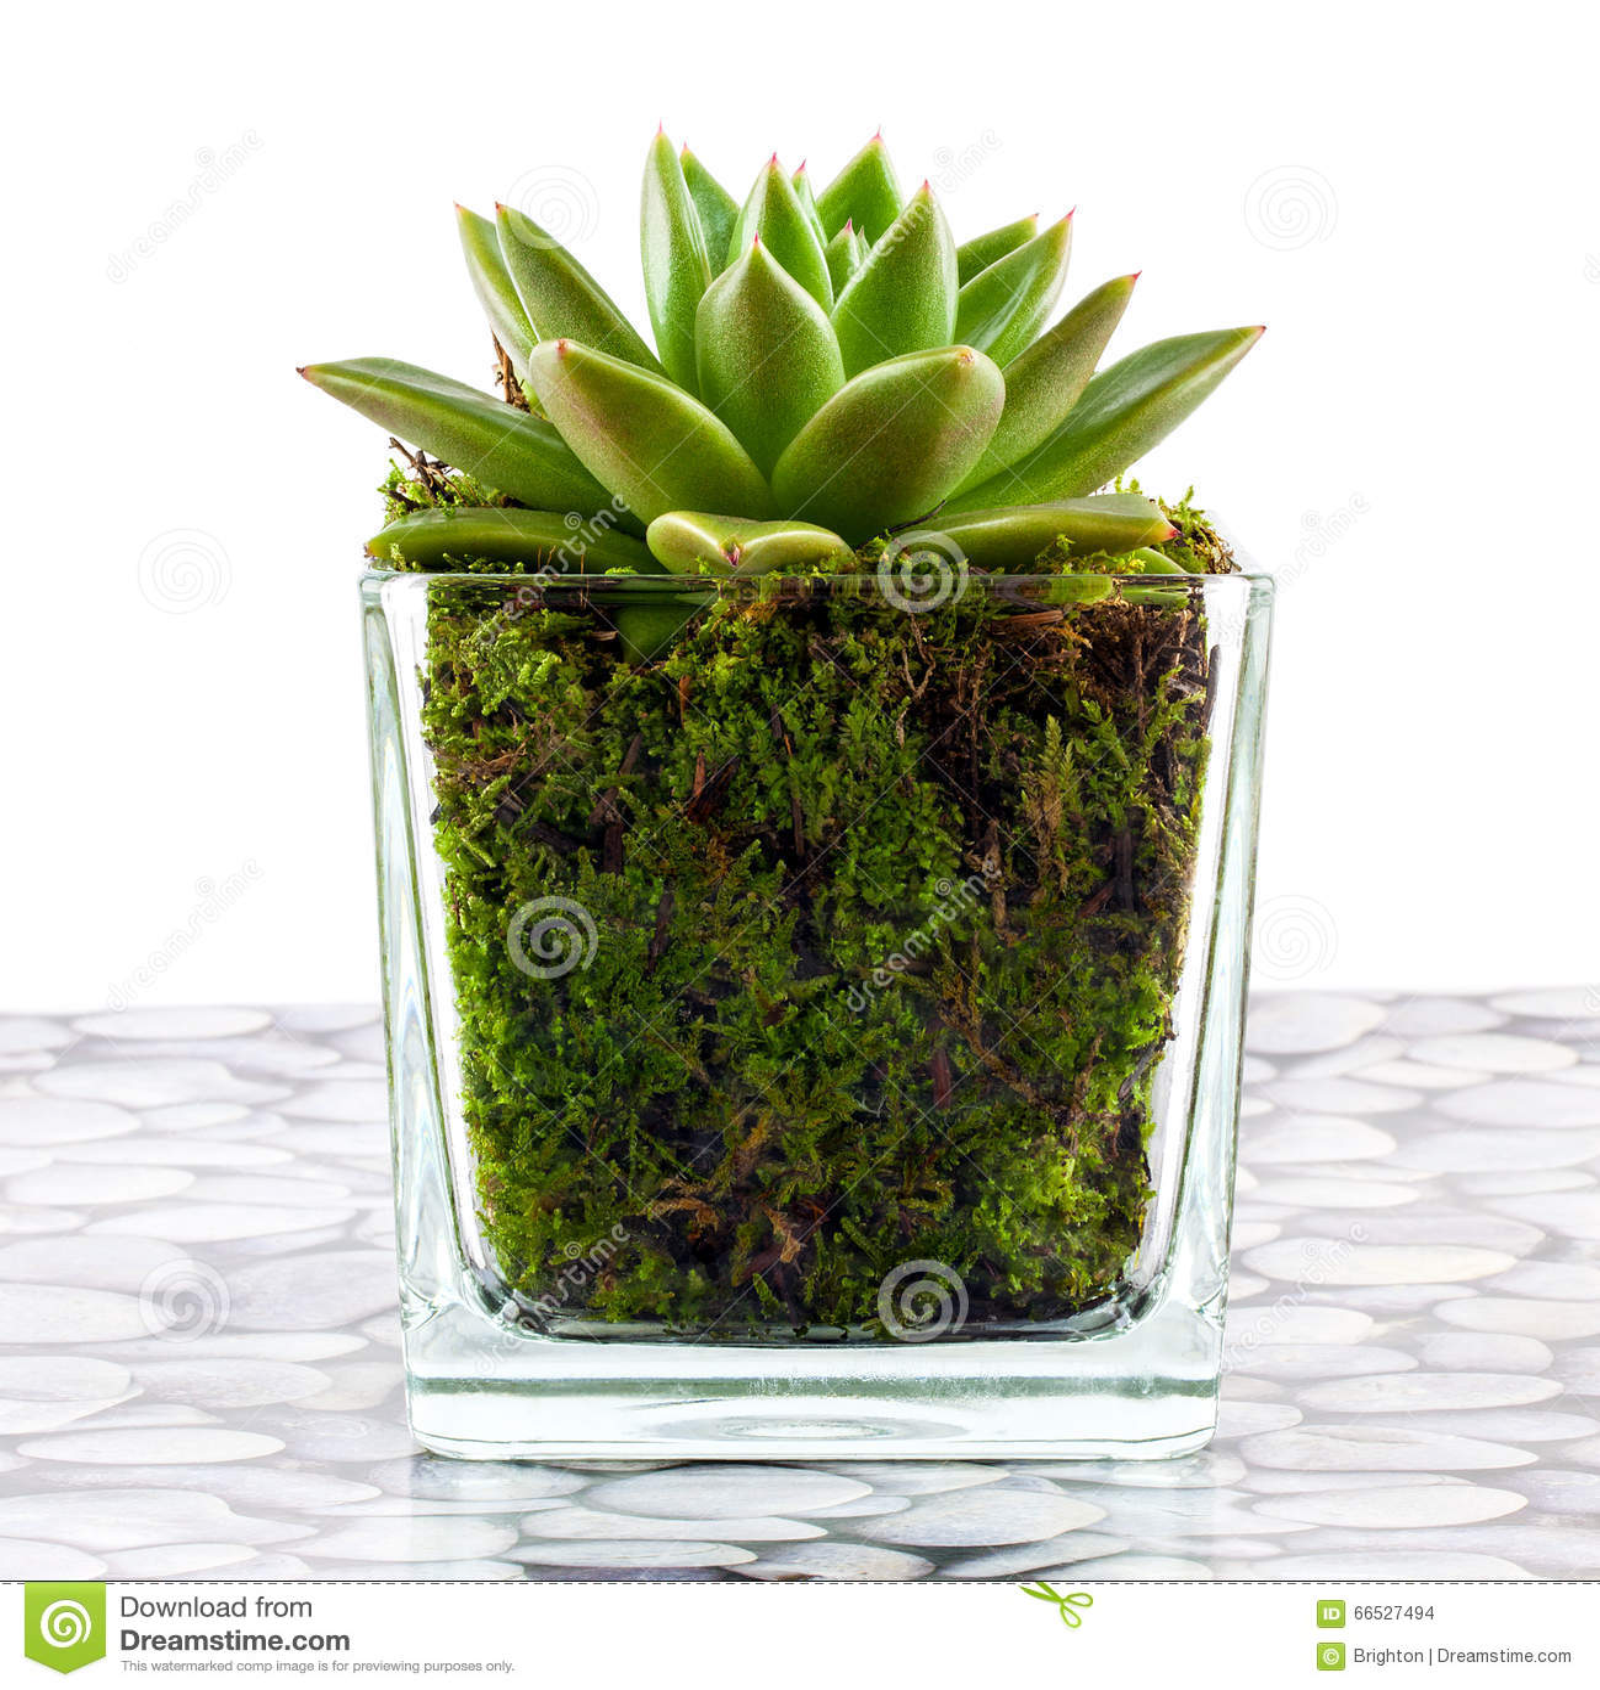 plante d 39 int rieur succulente photo stock image du. Black Bedroom Furniture Sets. Home Design Ideas